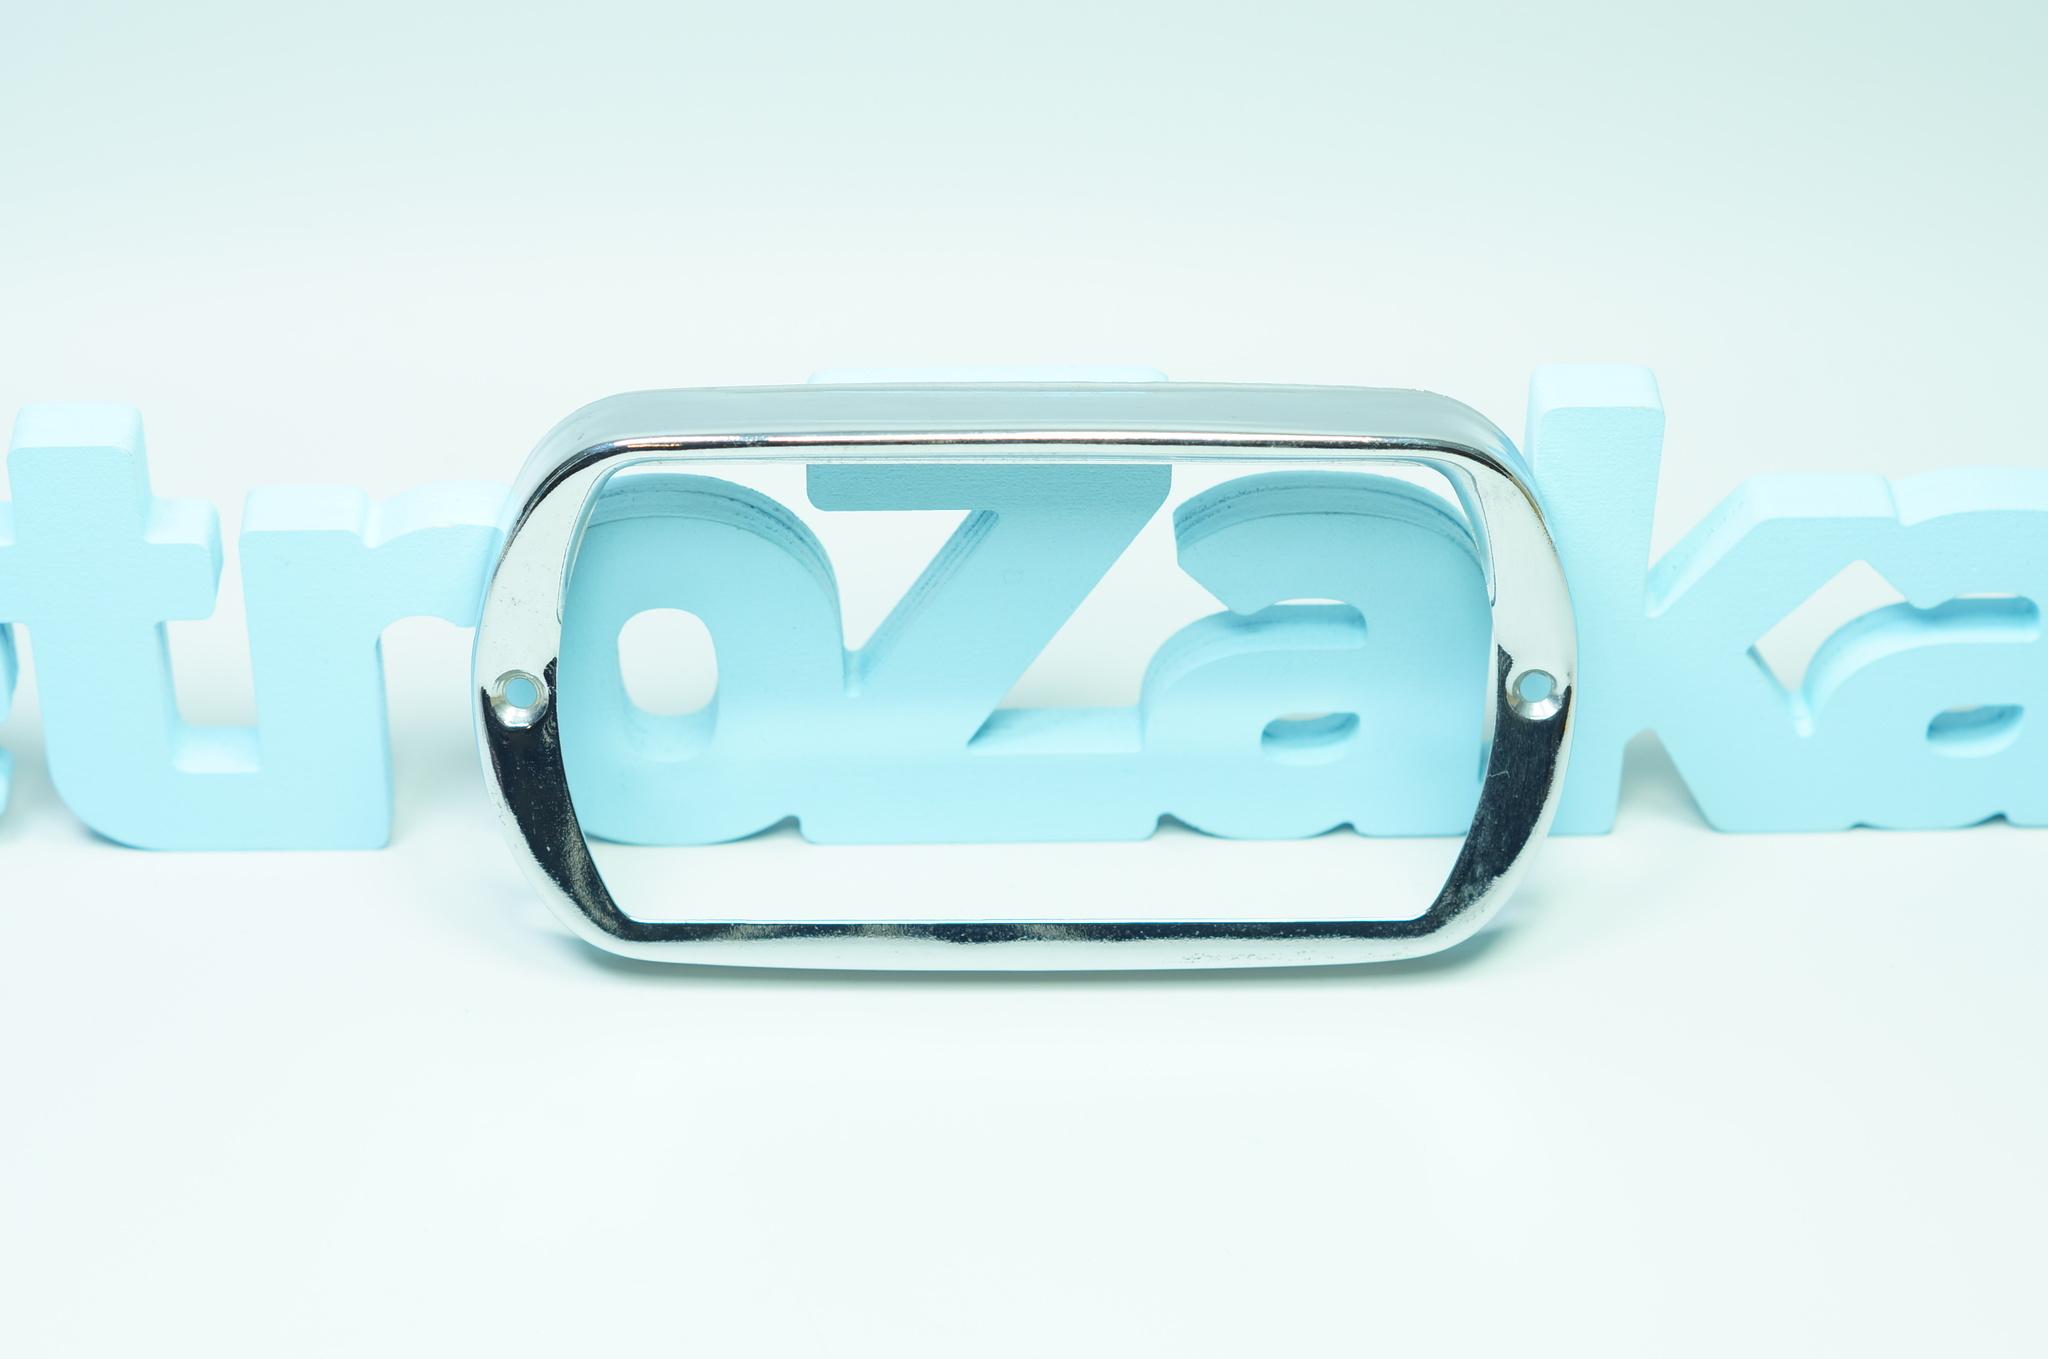 Ободкок противотуманной фары Газ 24